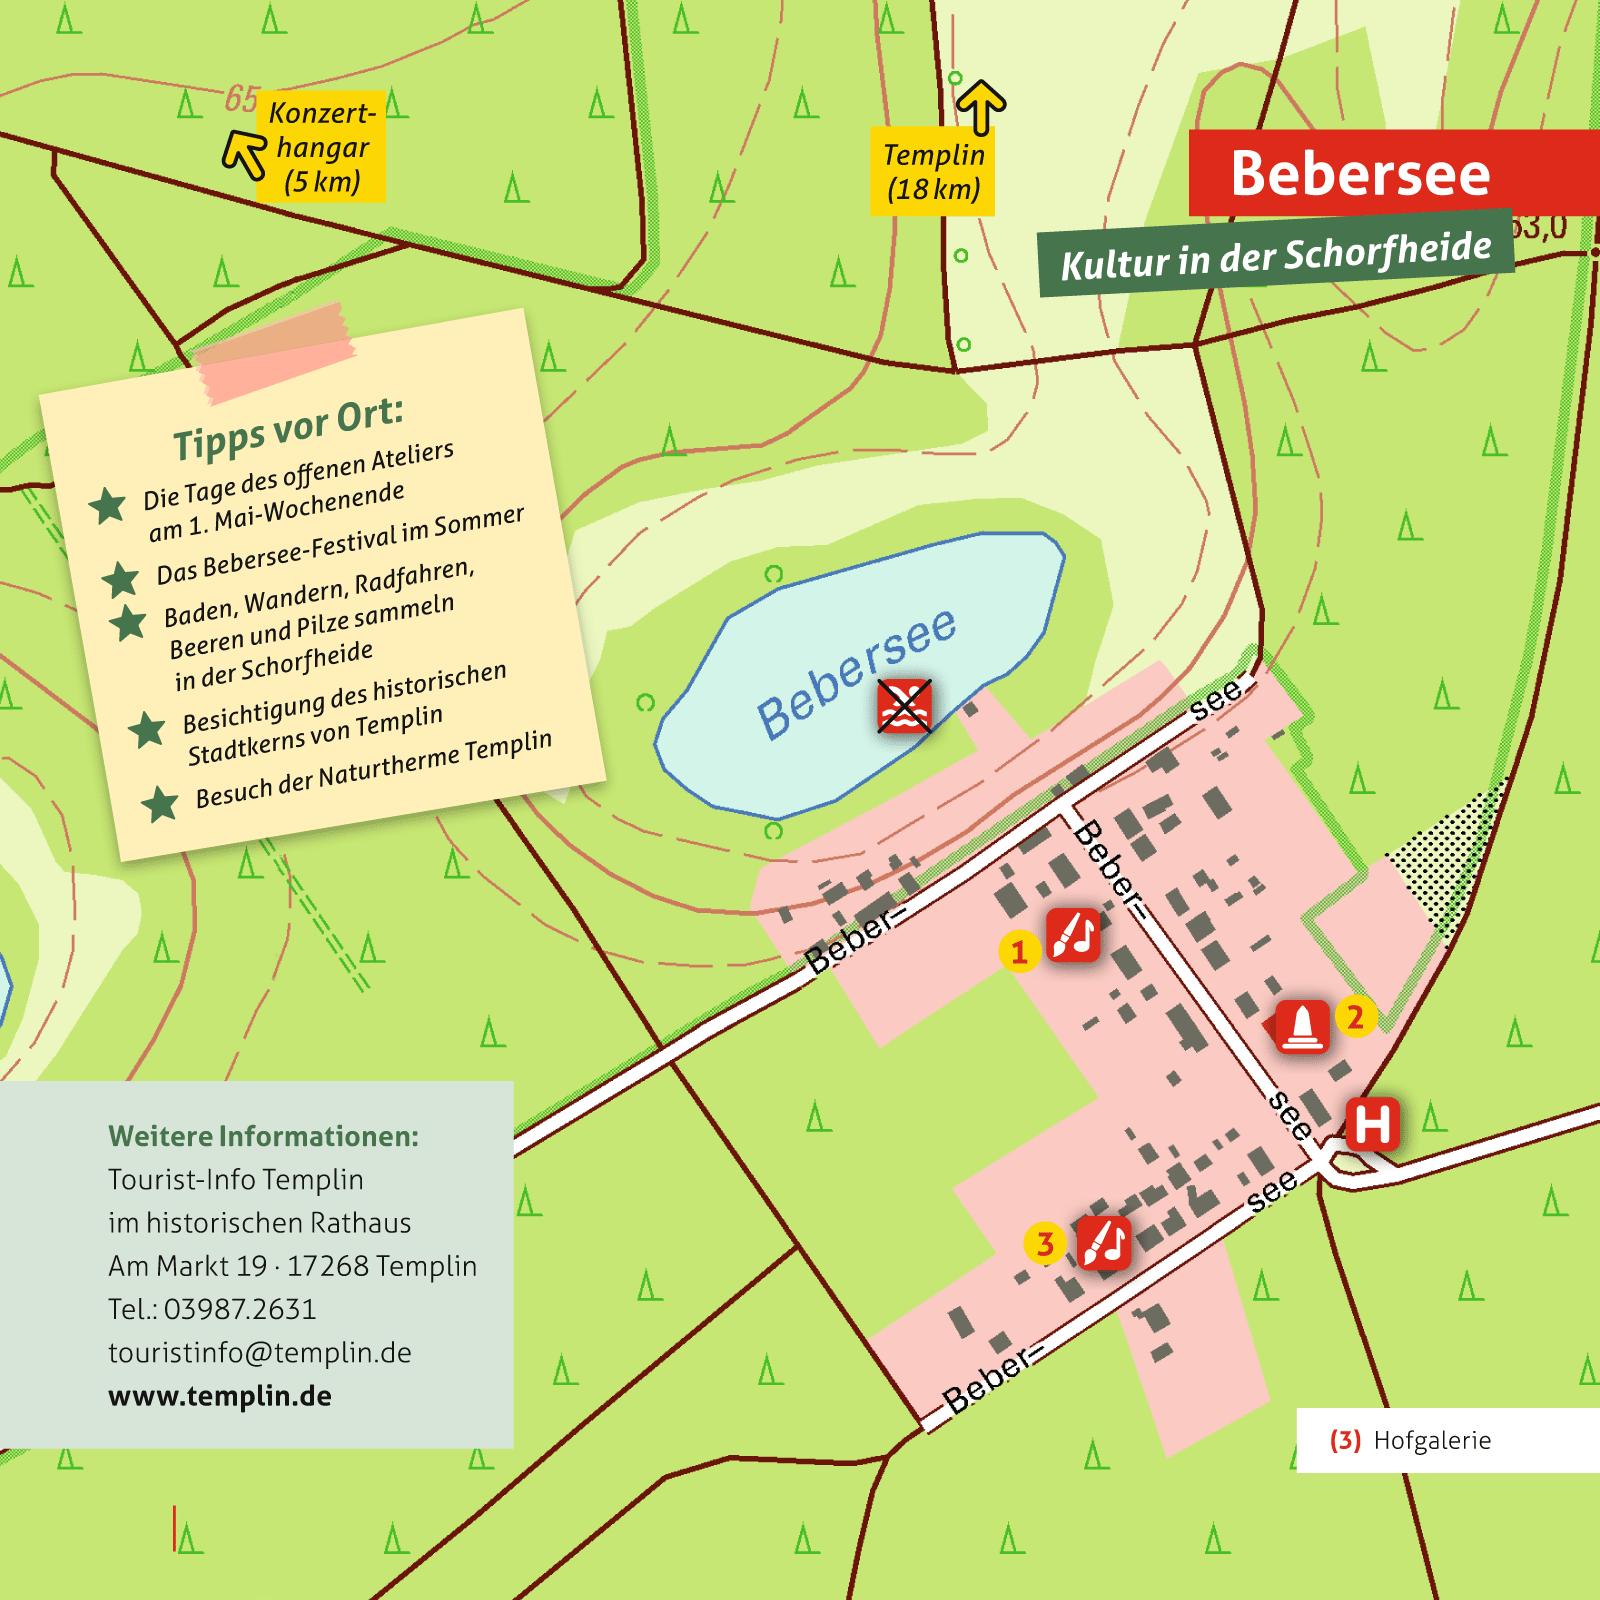 Ausflugskarte fuer Bebersee